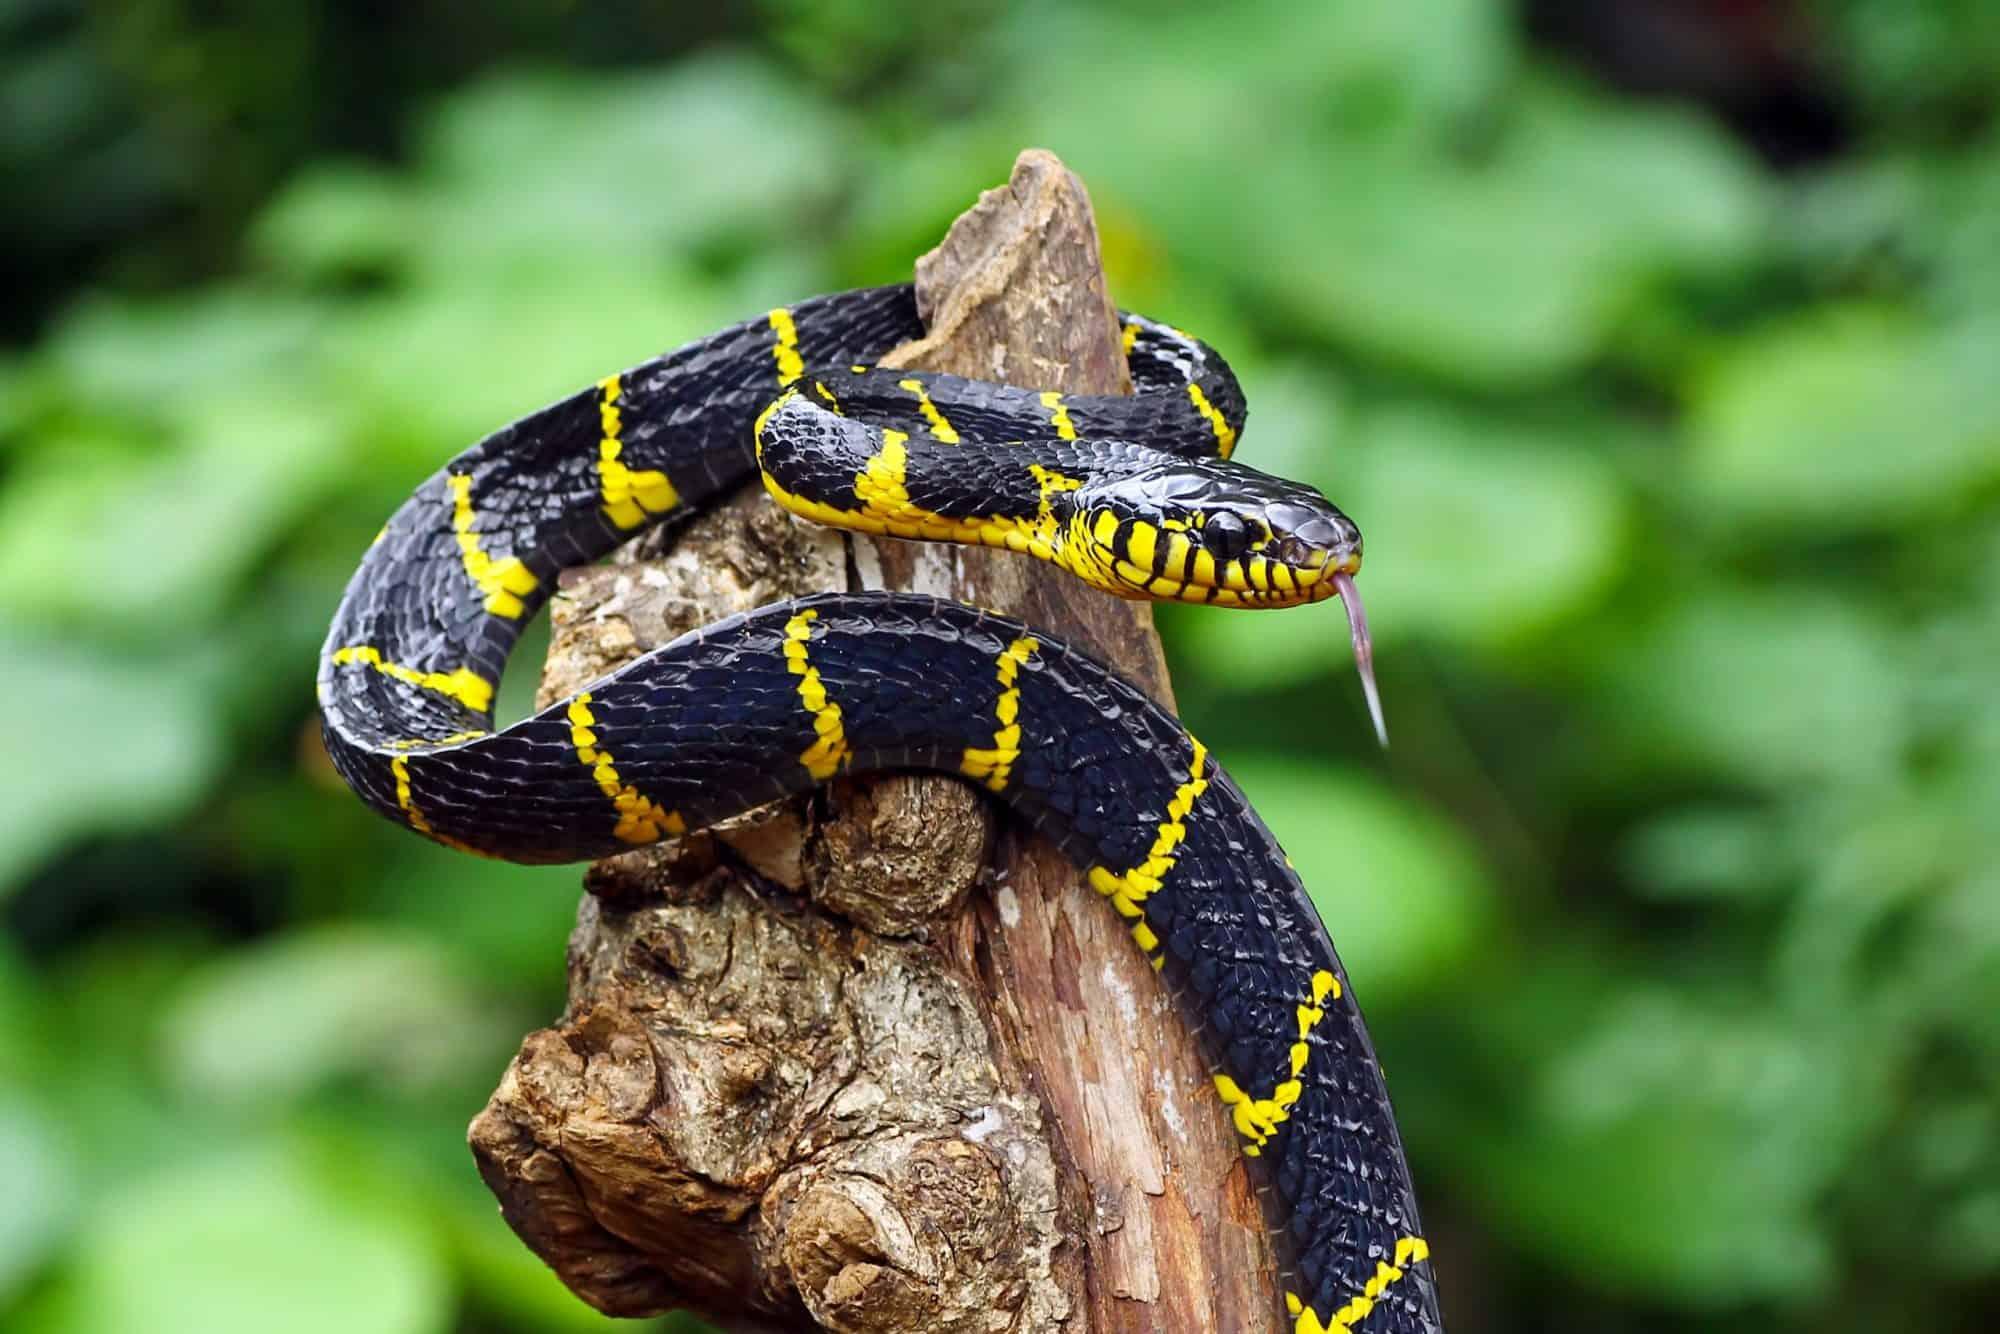 A snake on a tree branch.